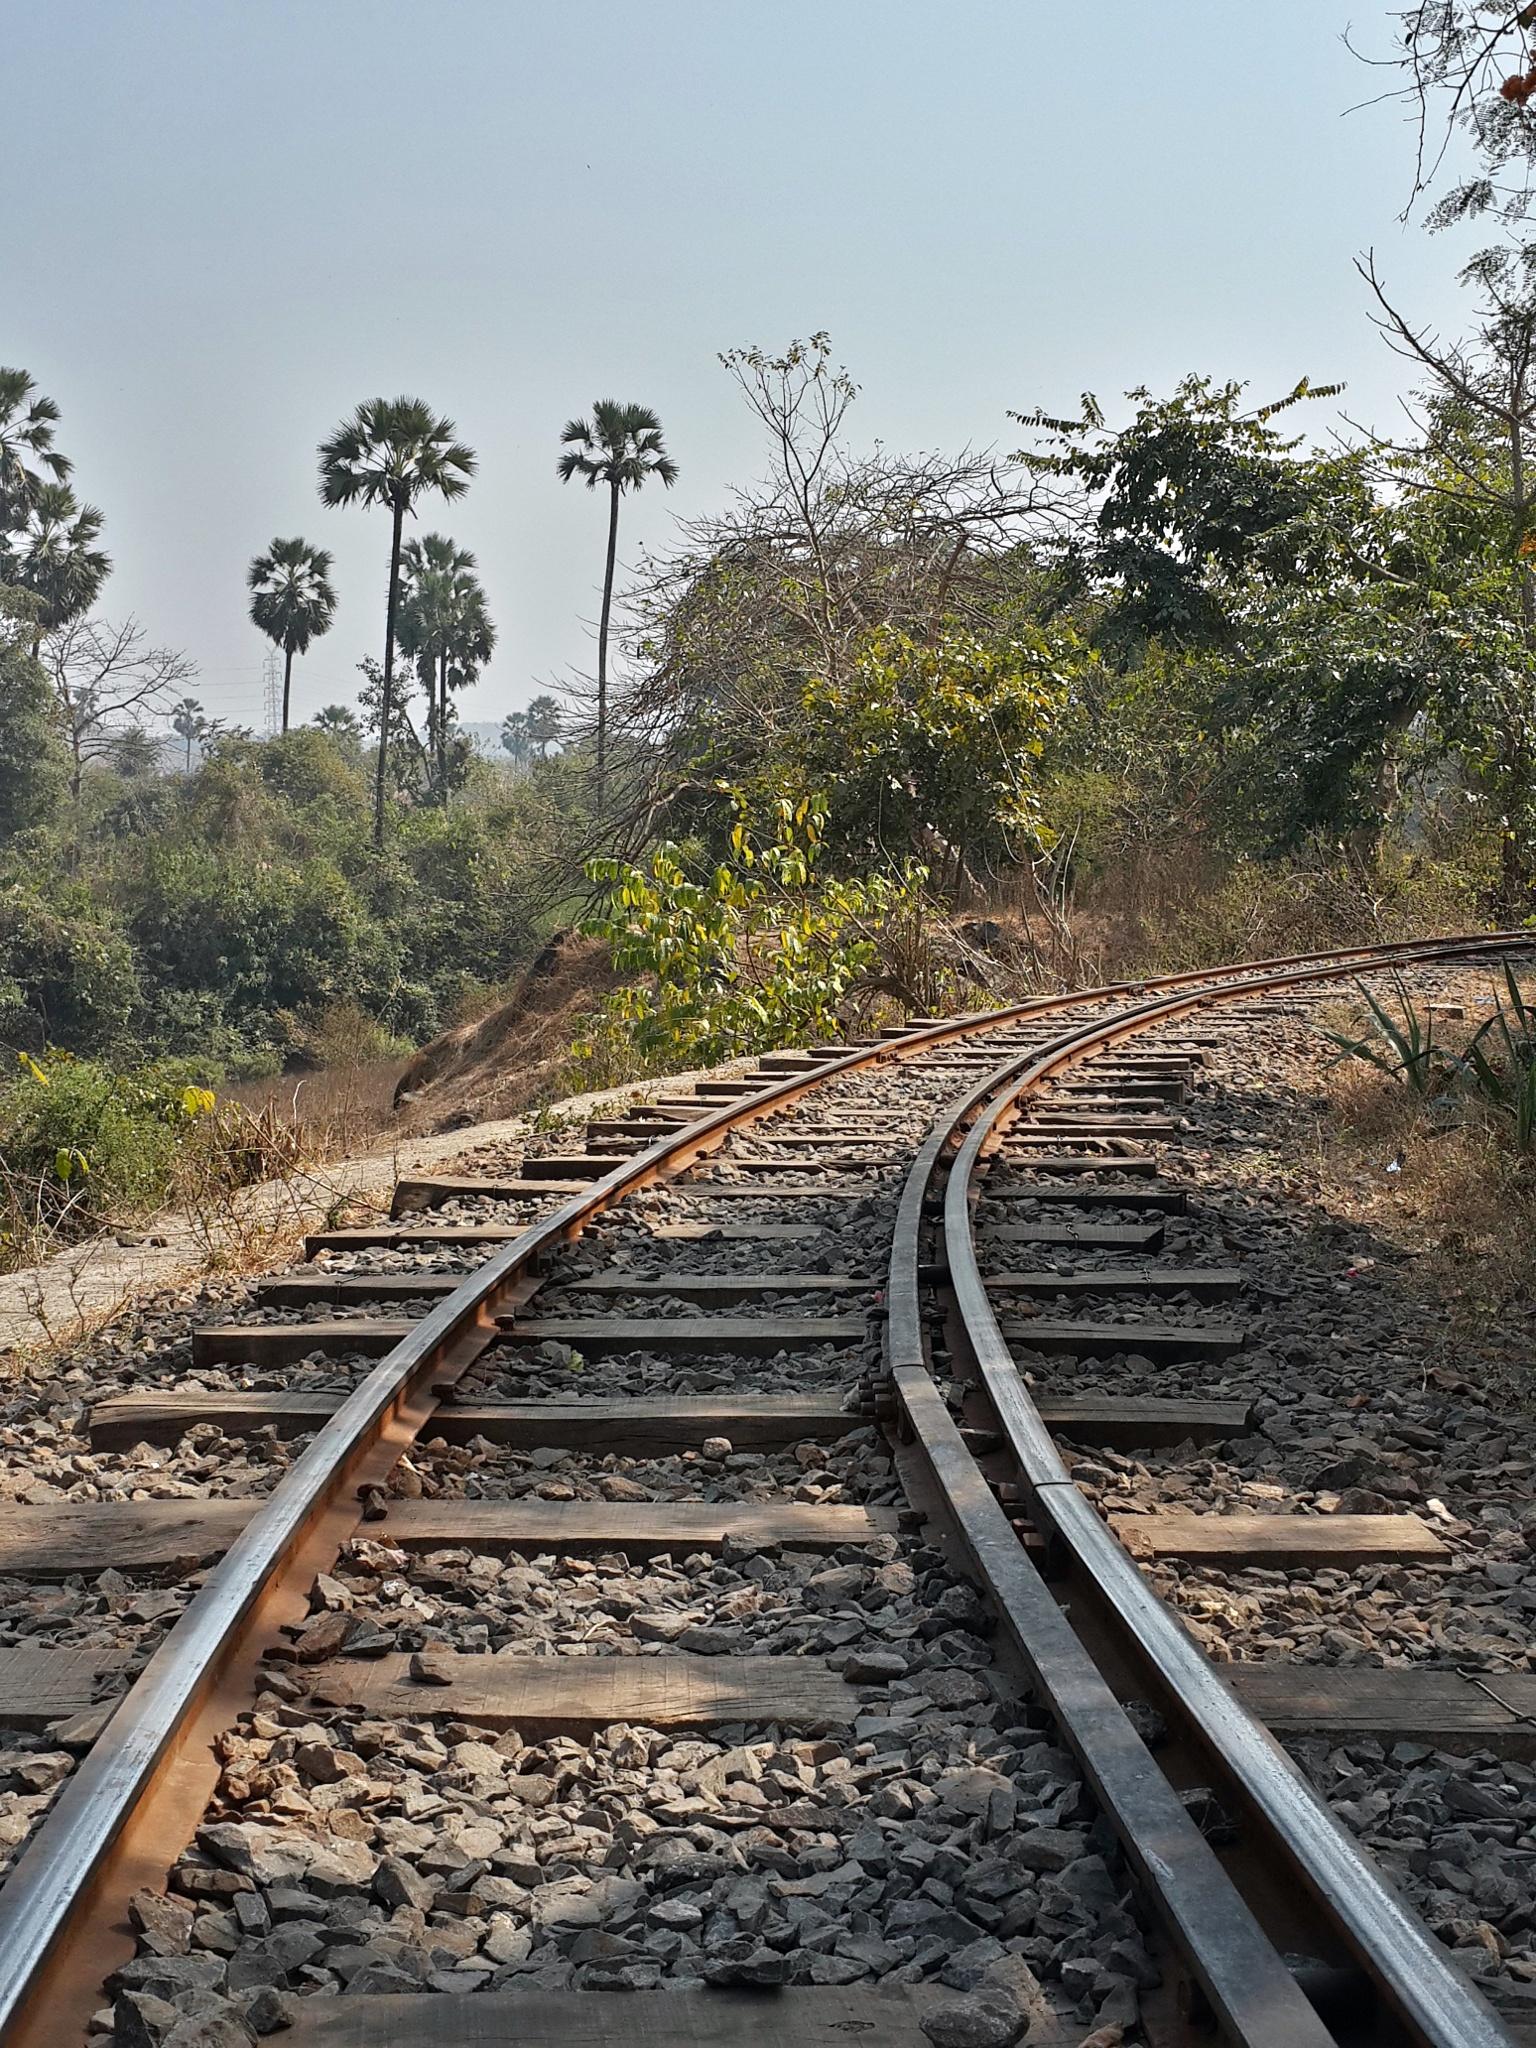 Railway Track. by Shreyas Desai